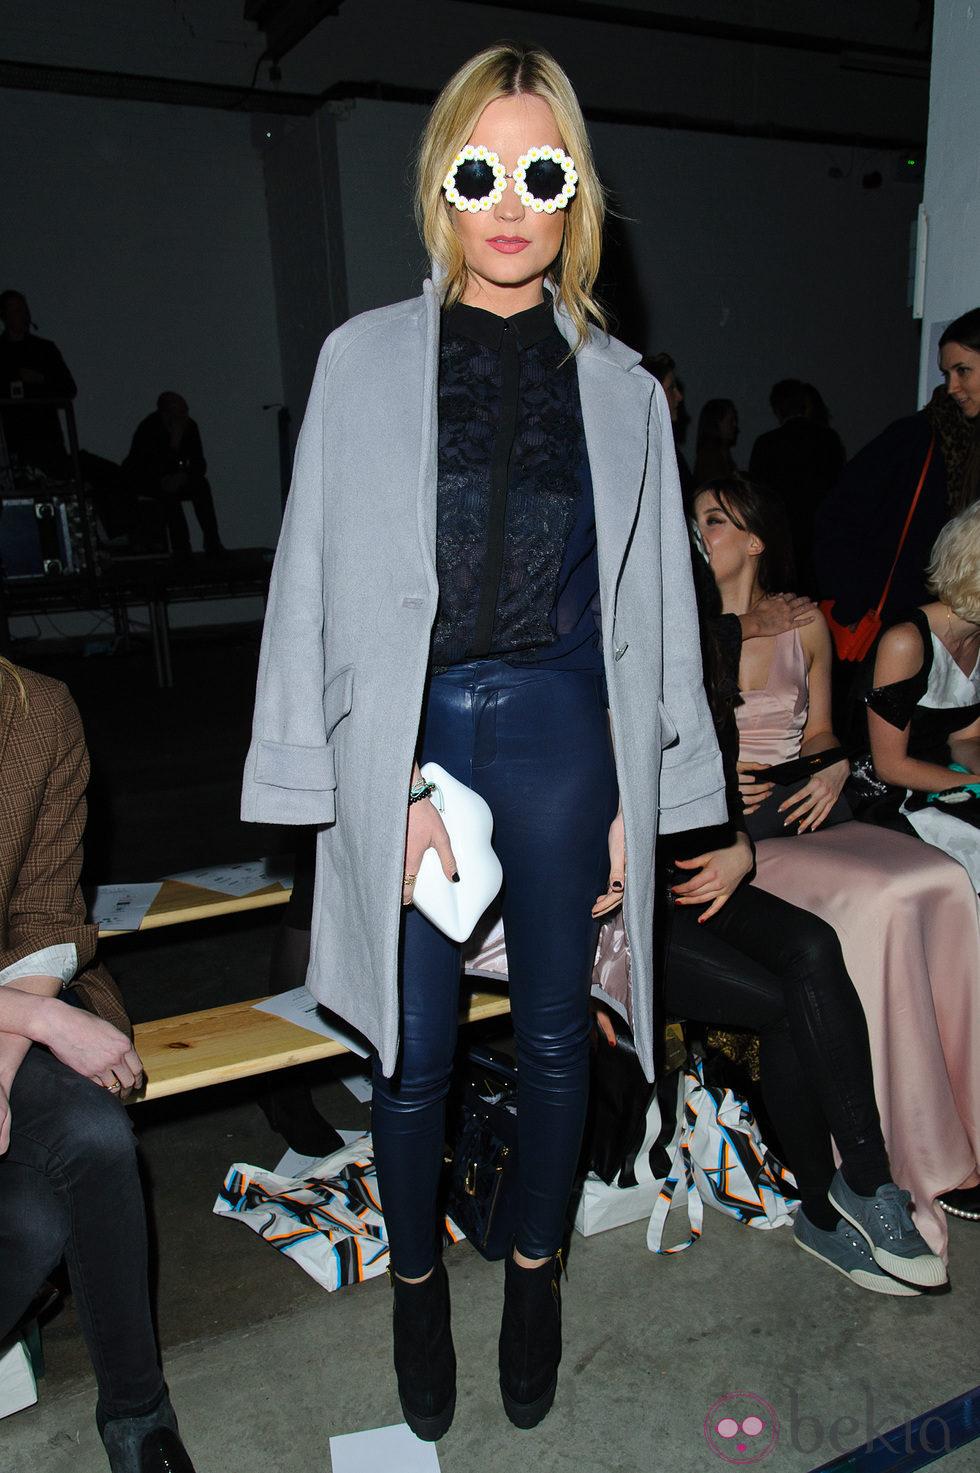 Laura Whitmore en el front row de la Semana de la Moda de Londres 2014